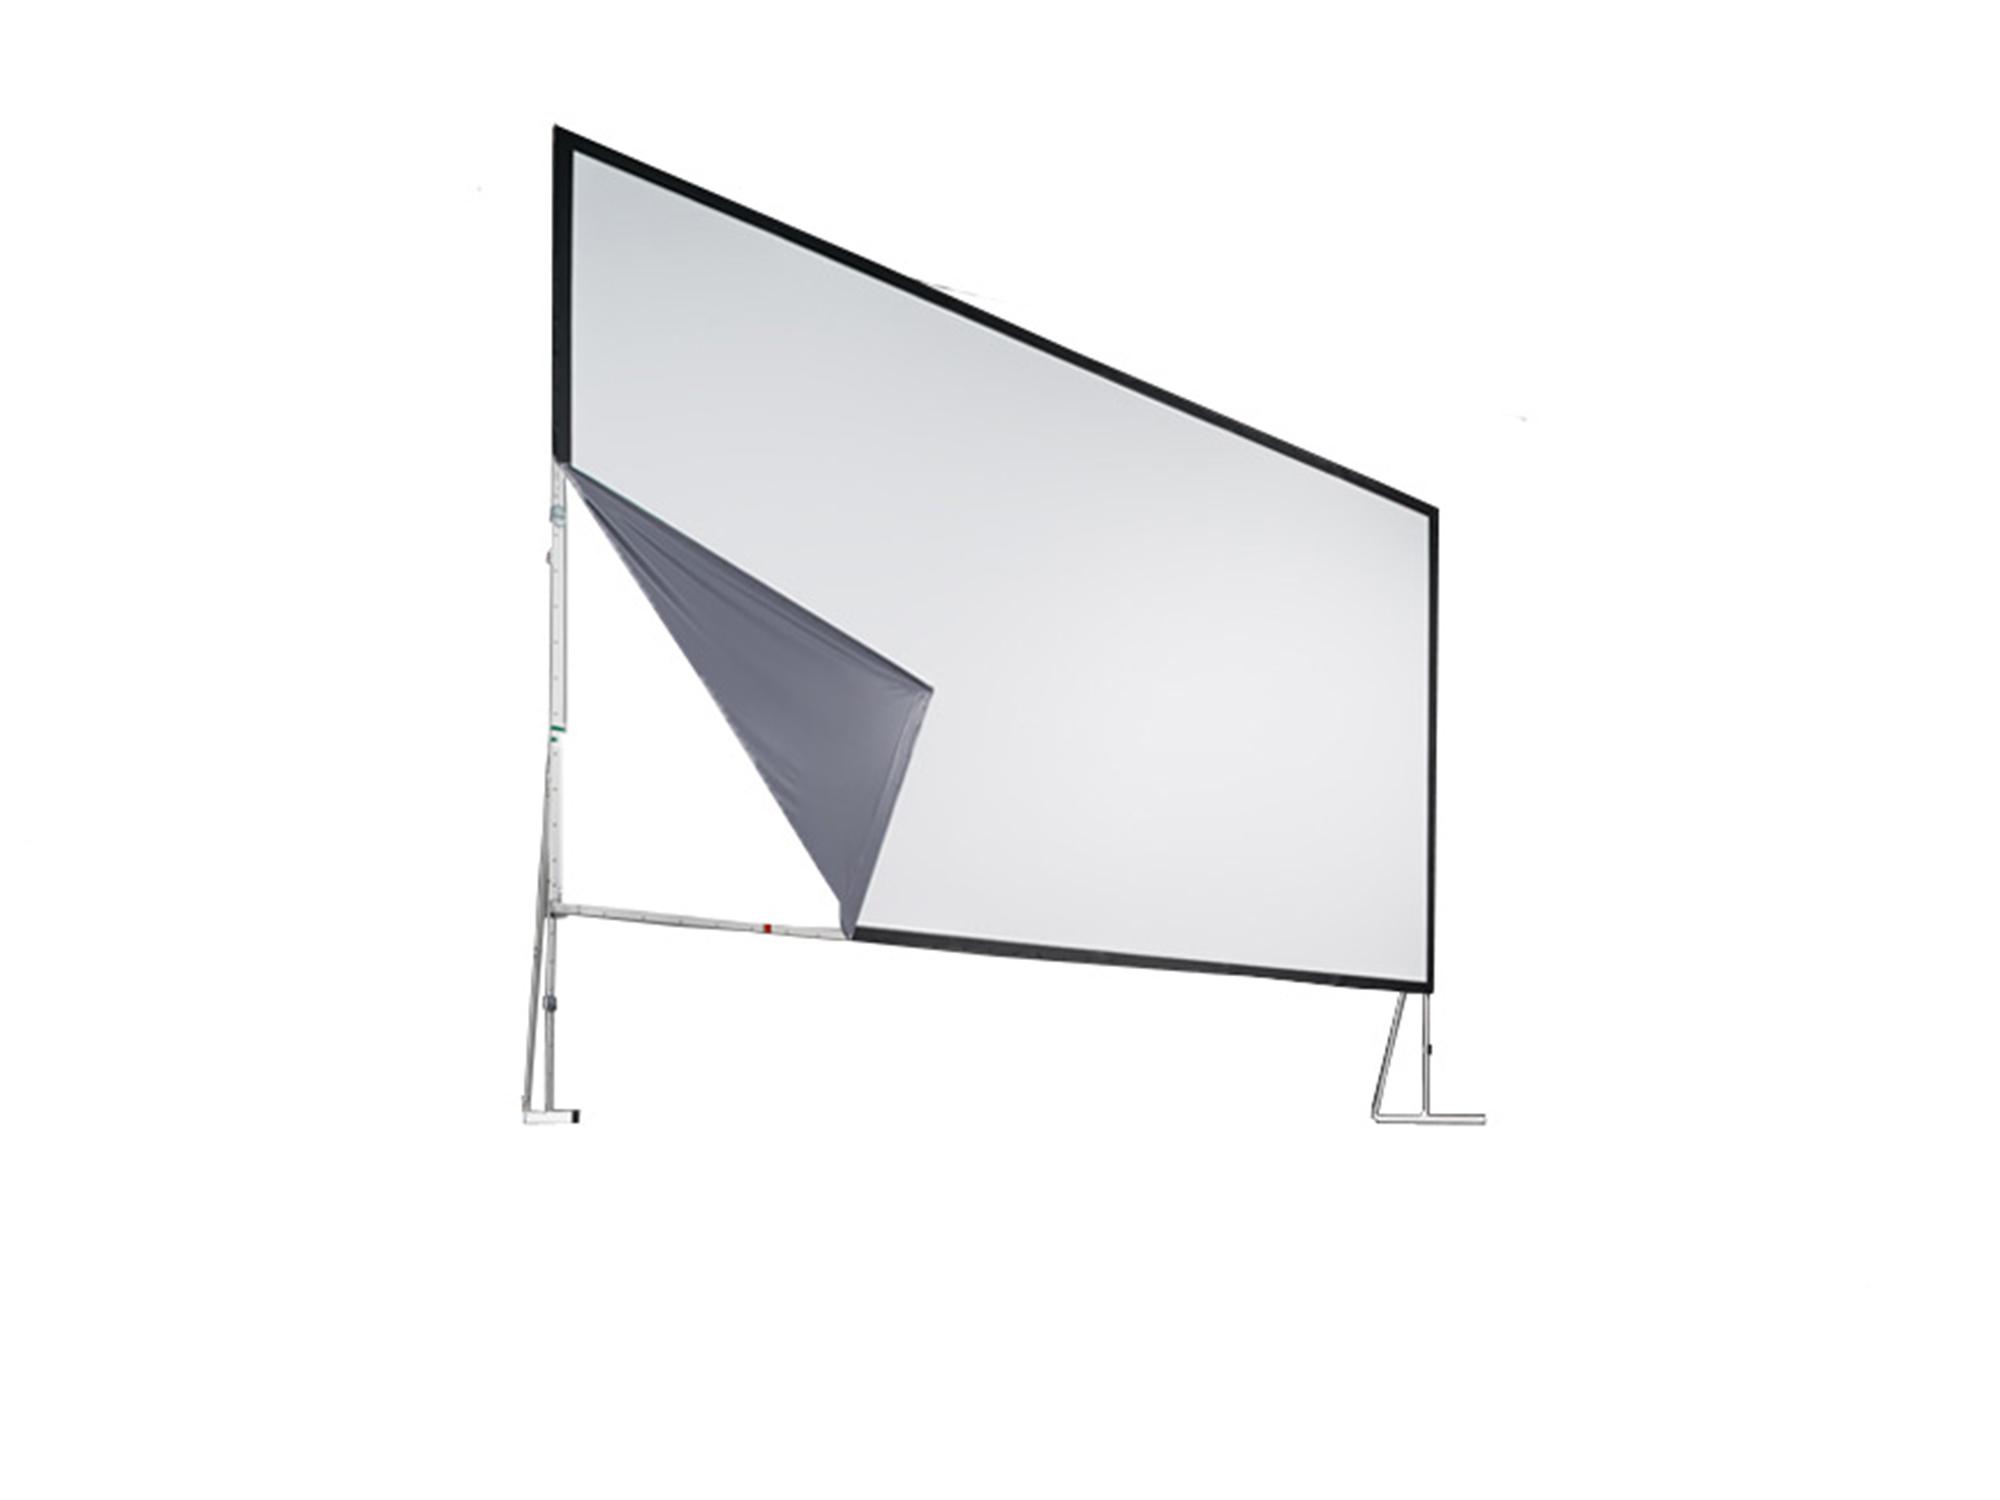 Stumpfl 16ft x 9ft 16:9 Frame Screen Kit Hire | Production AV